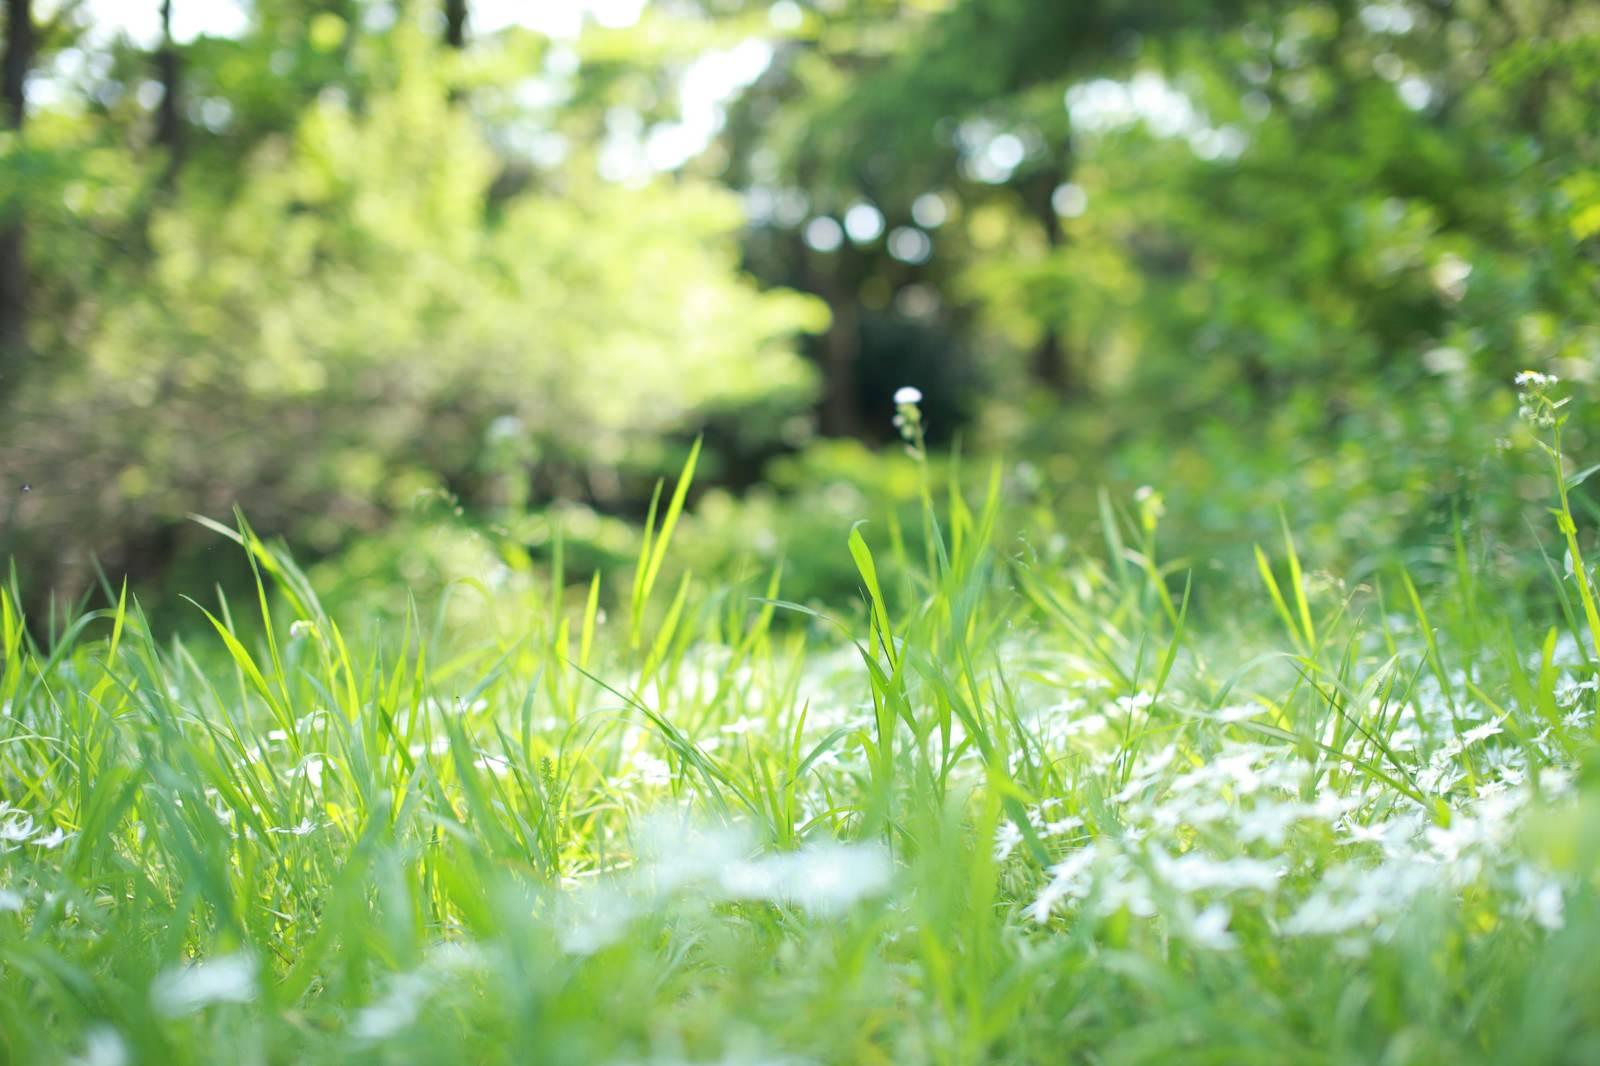 「草原に迷い込んだ小人草原に迷い込んだ小人」のフリー写真素材を拡大